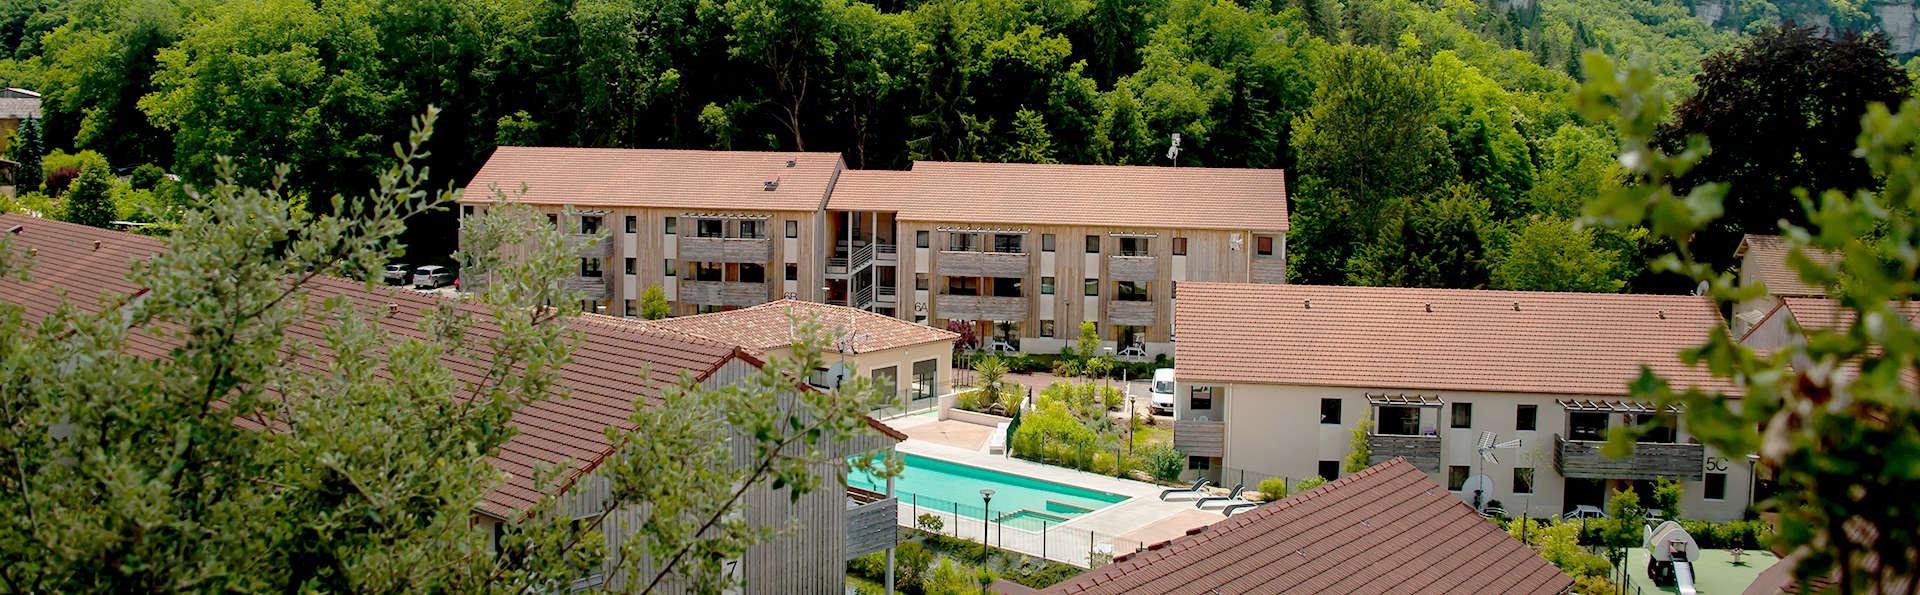 Vacancéole - Résidence Le Clos du Rocher - Edit_Front2.jpg